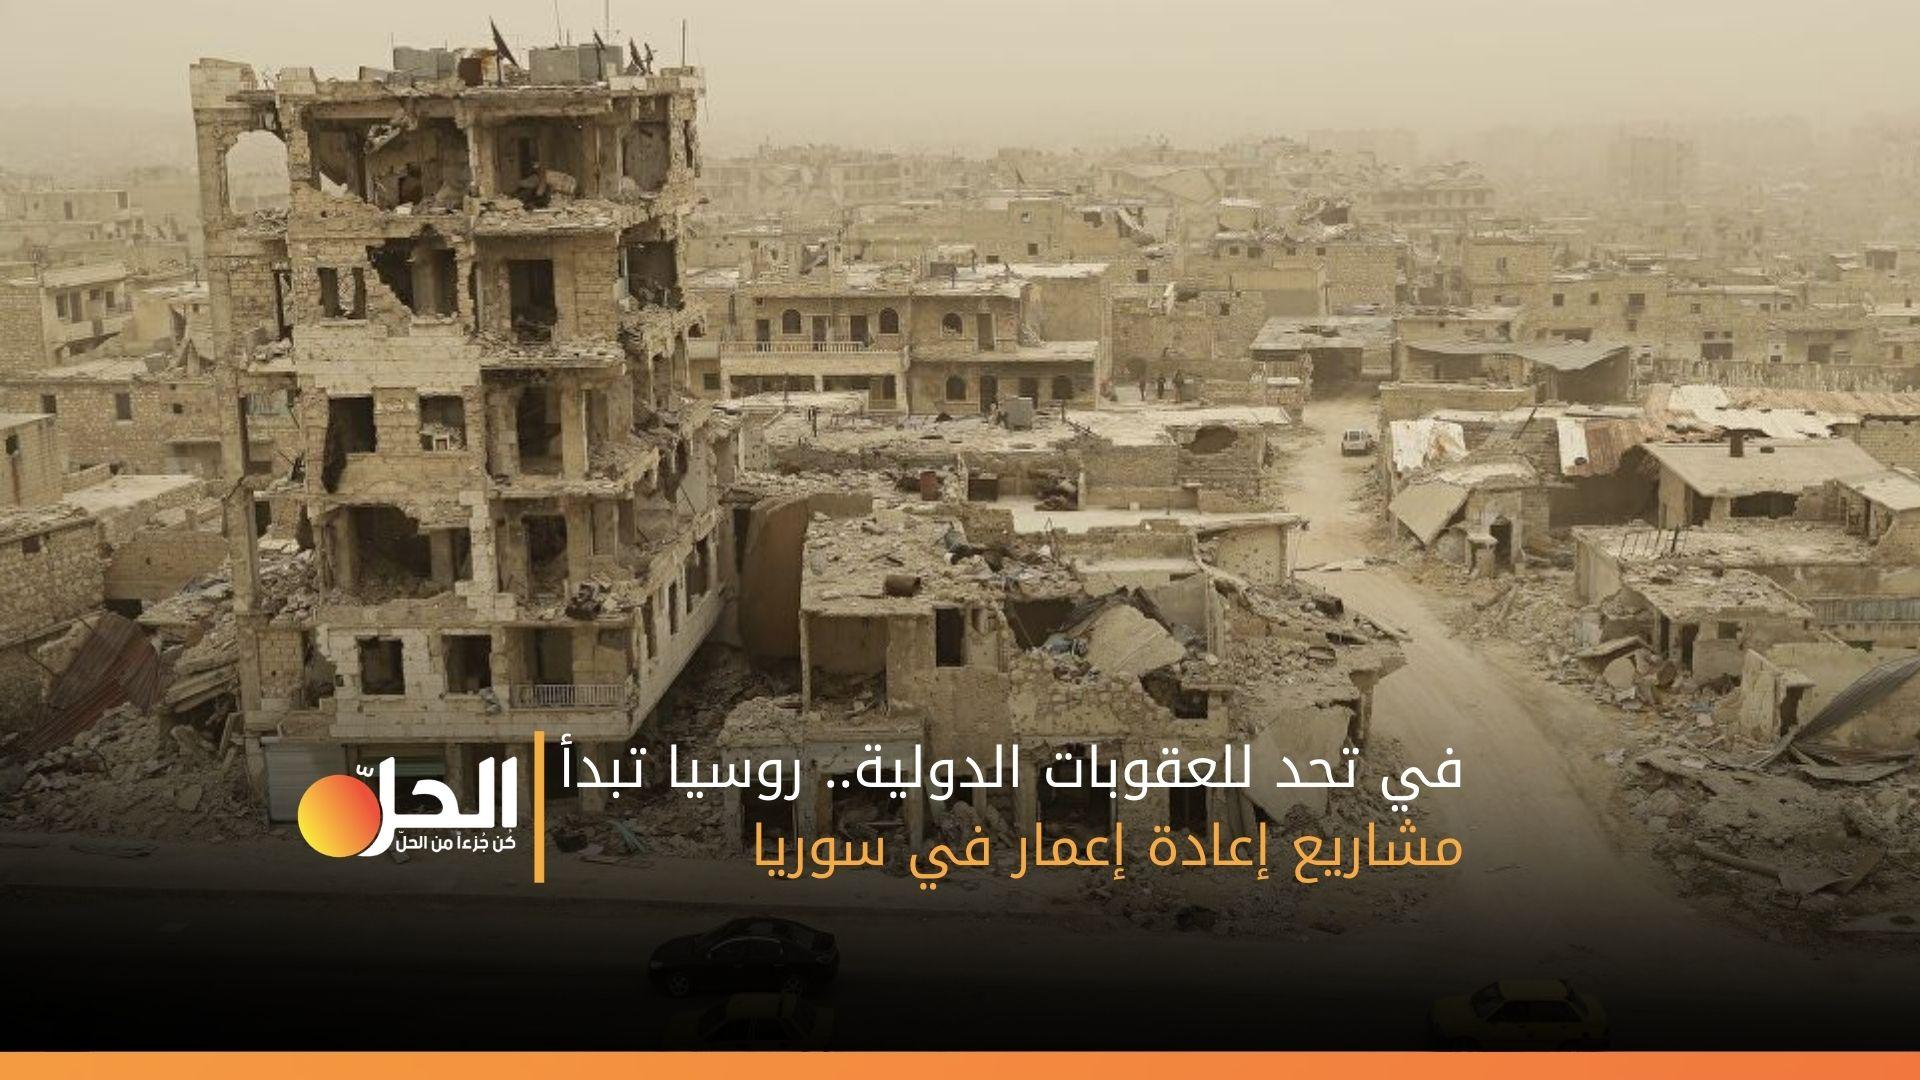 في تحد للعقوبات الدولية.. روسيا تبدأ مشاريع إعادة إعمار في سوريا